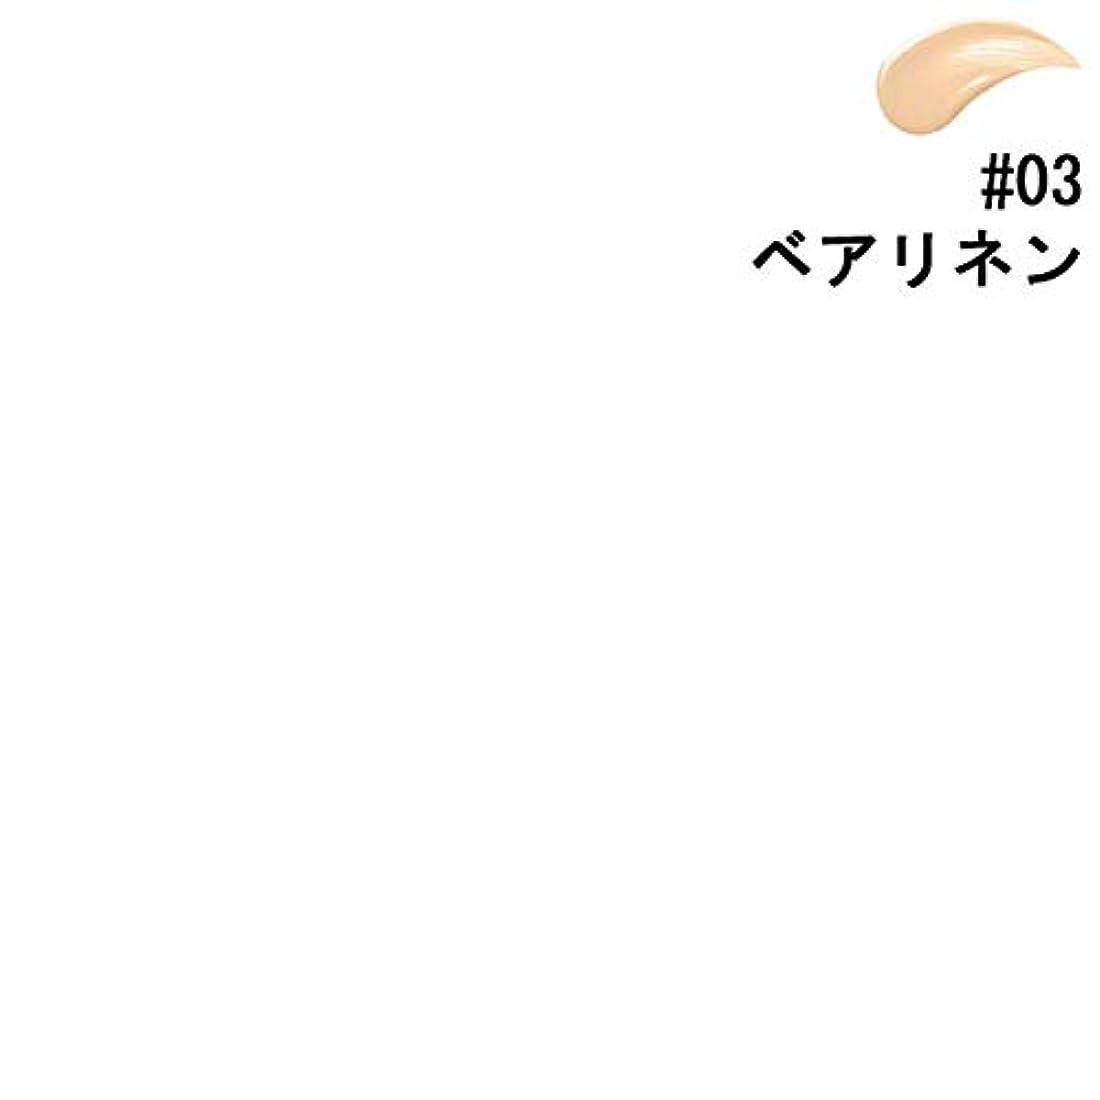 ローマ人エチケット懇願する【ベアミネラル】ベアミネラル ベア ファンデーション #03 ベアリネン 30ml [並行輸入品]